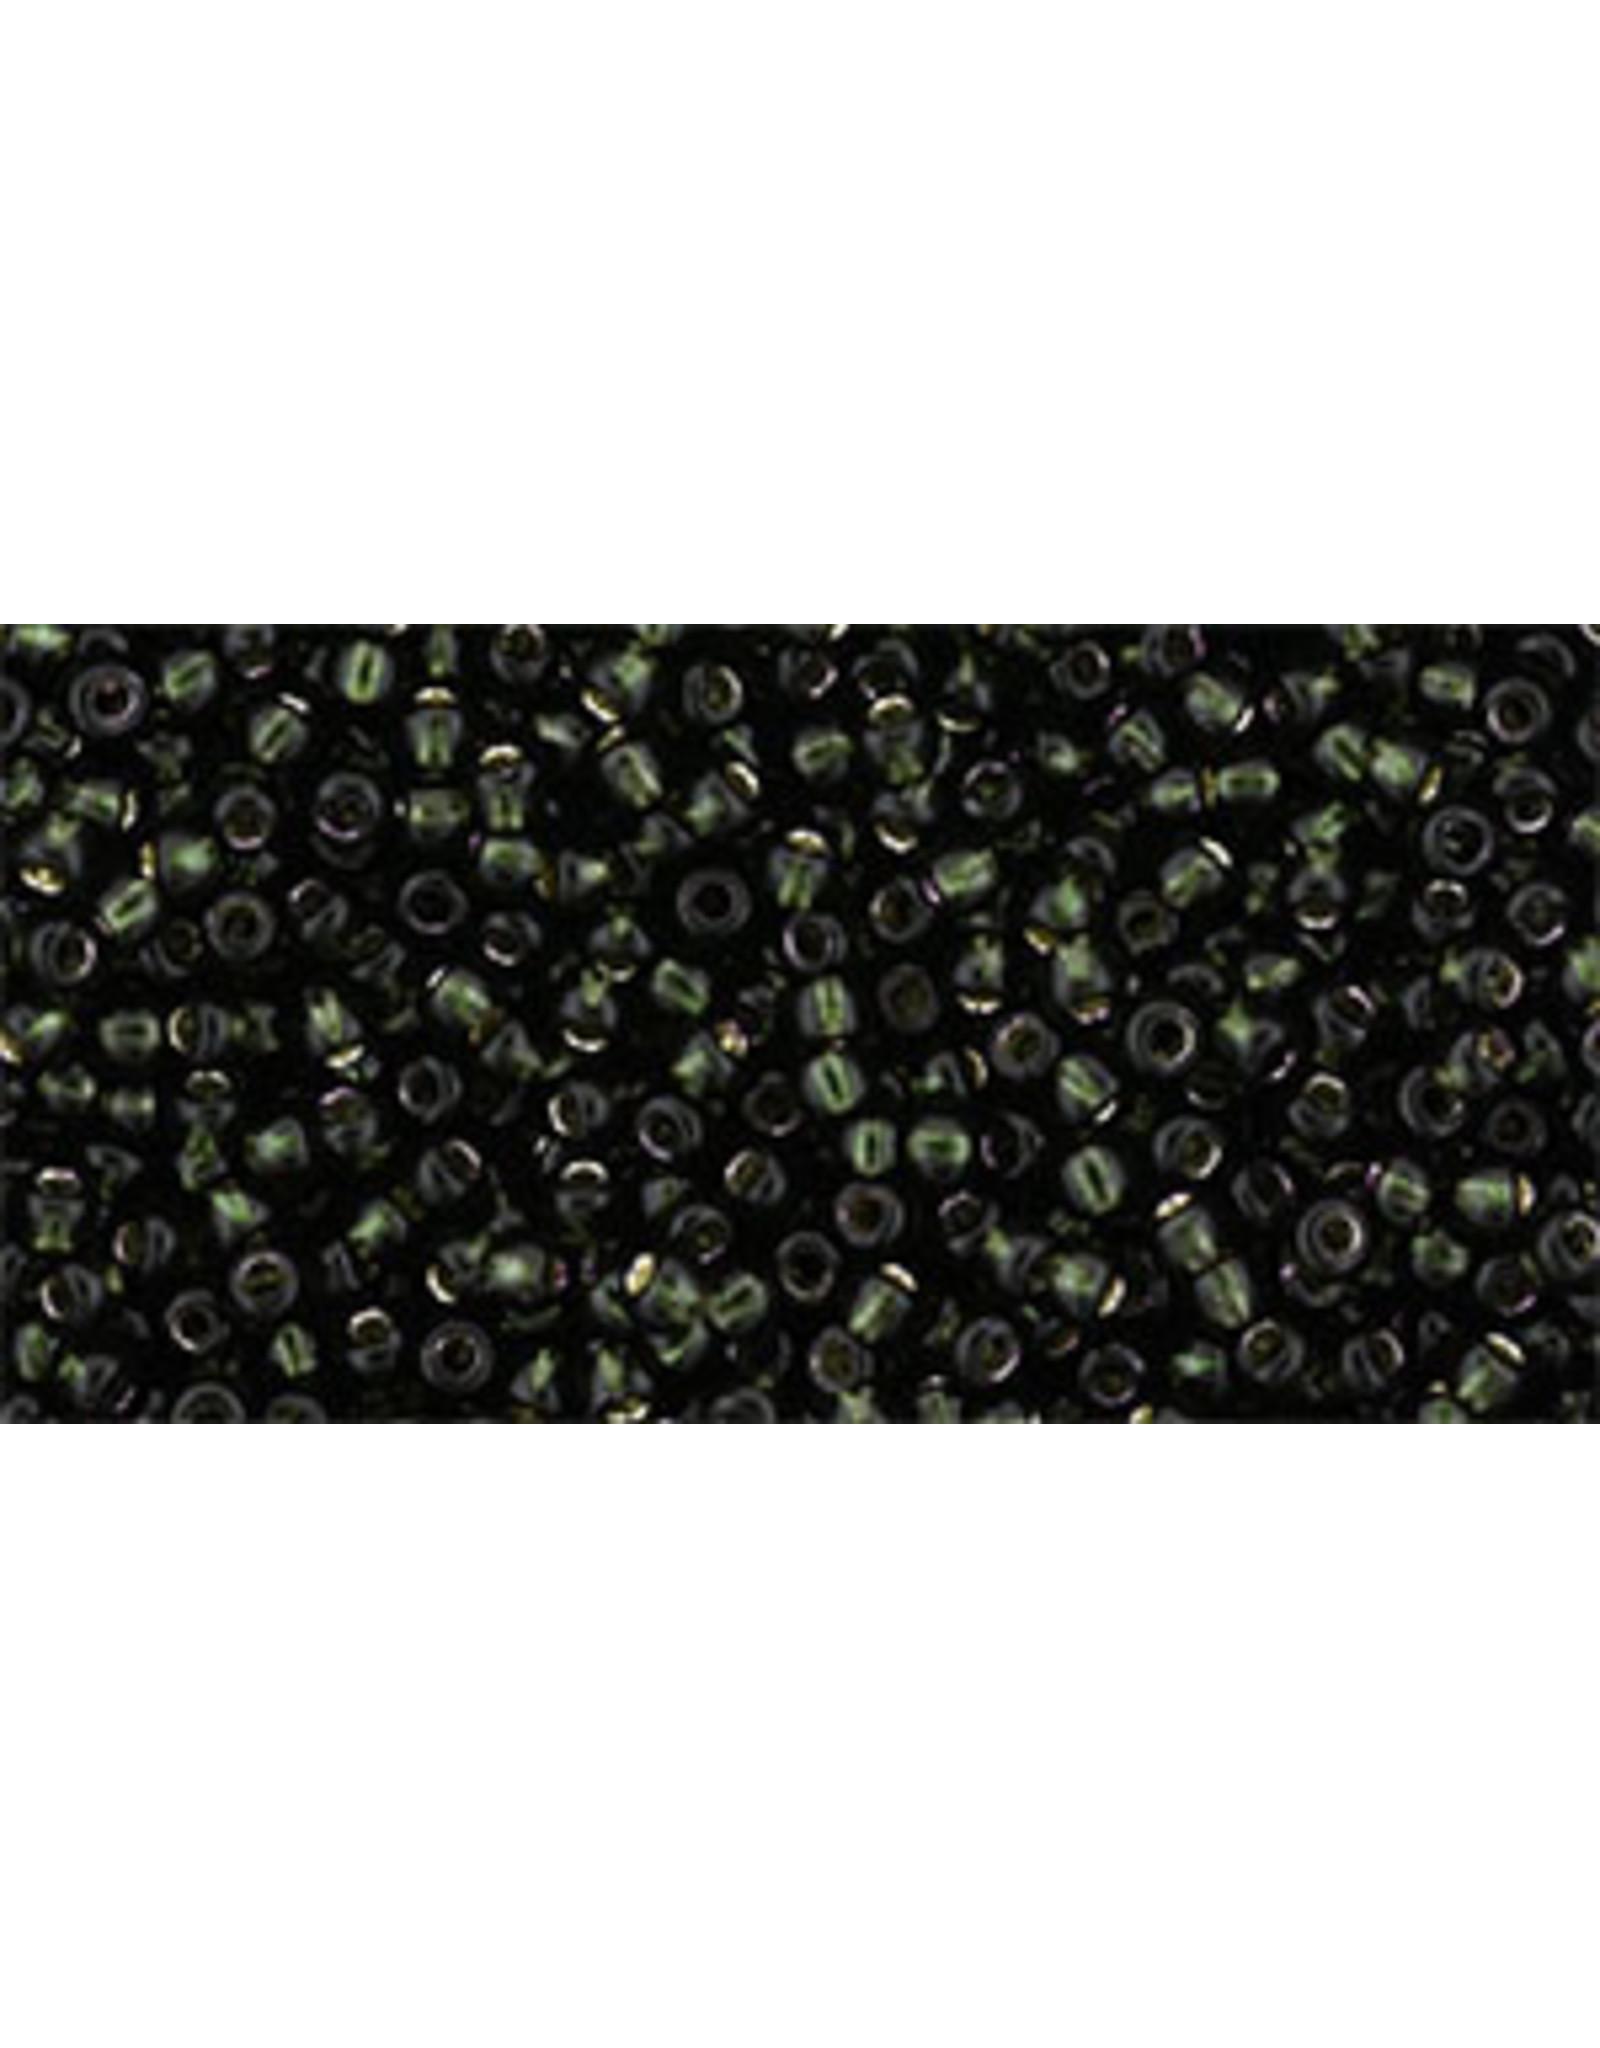 Toho 2209 11 Toho Round 6g  Dark Emerald Green s/l